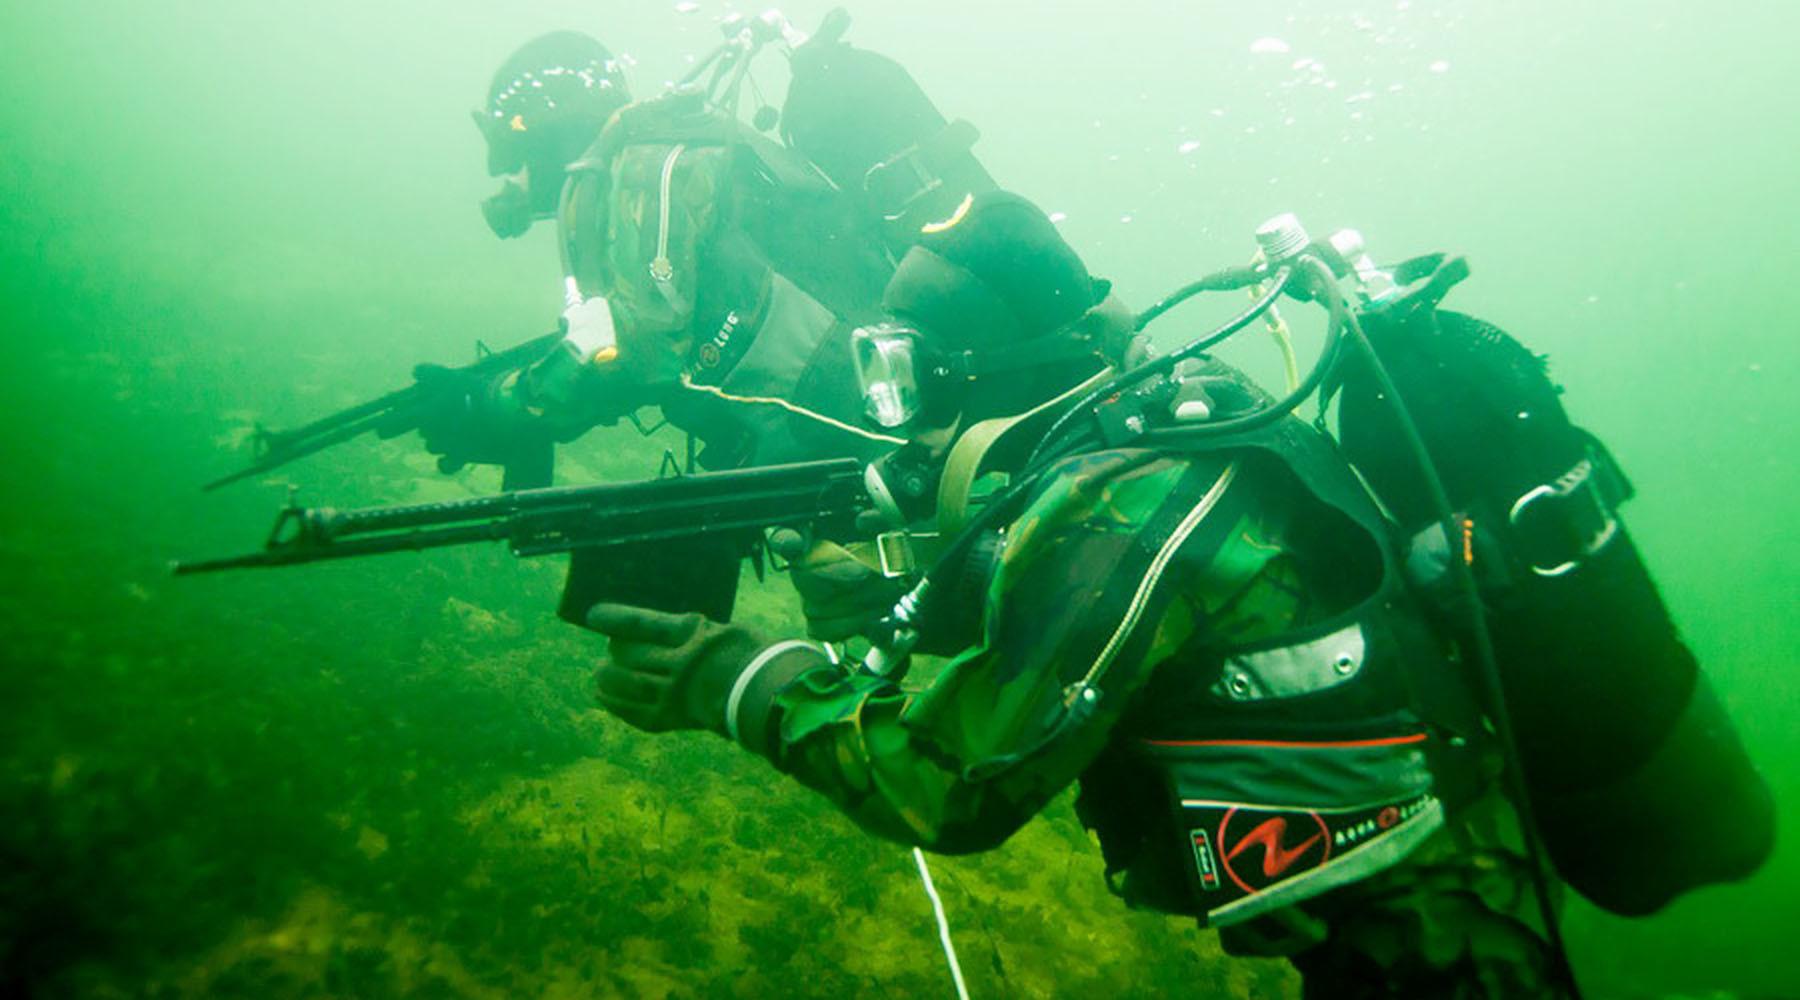 Морская бригада: как будет организована охрана Керченского моста